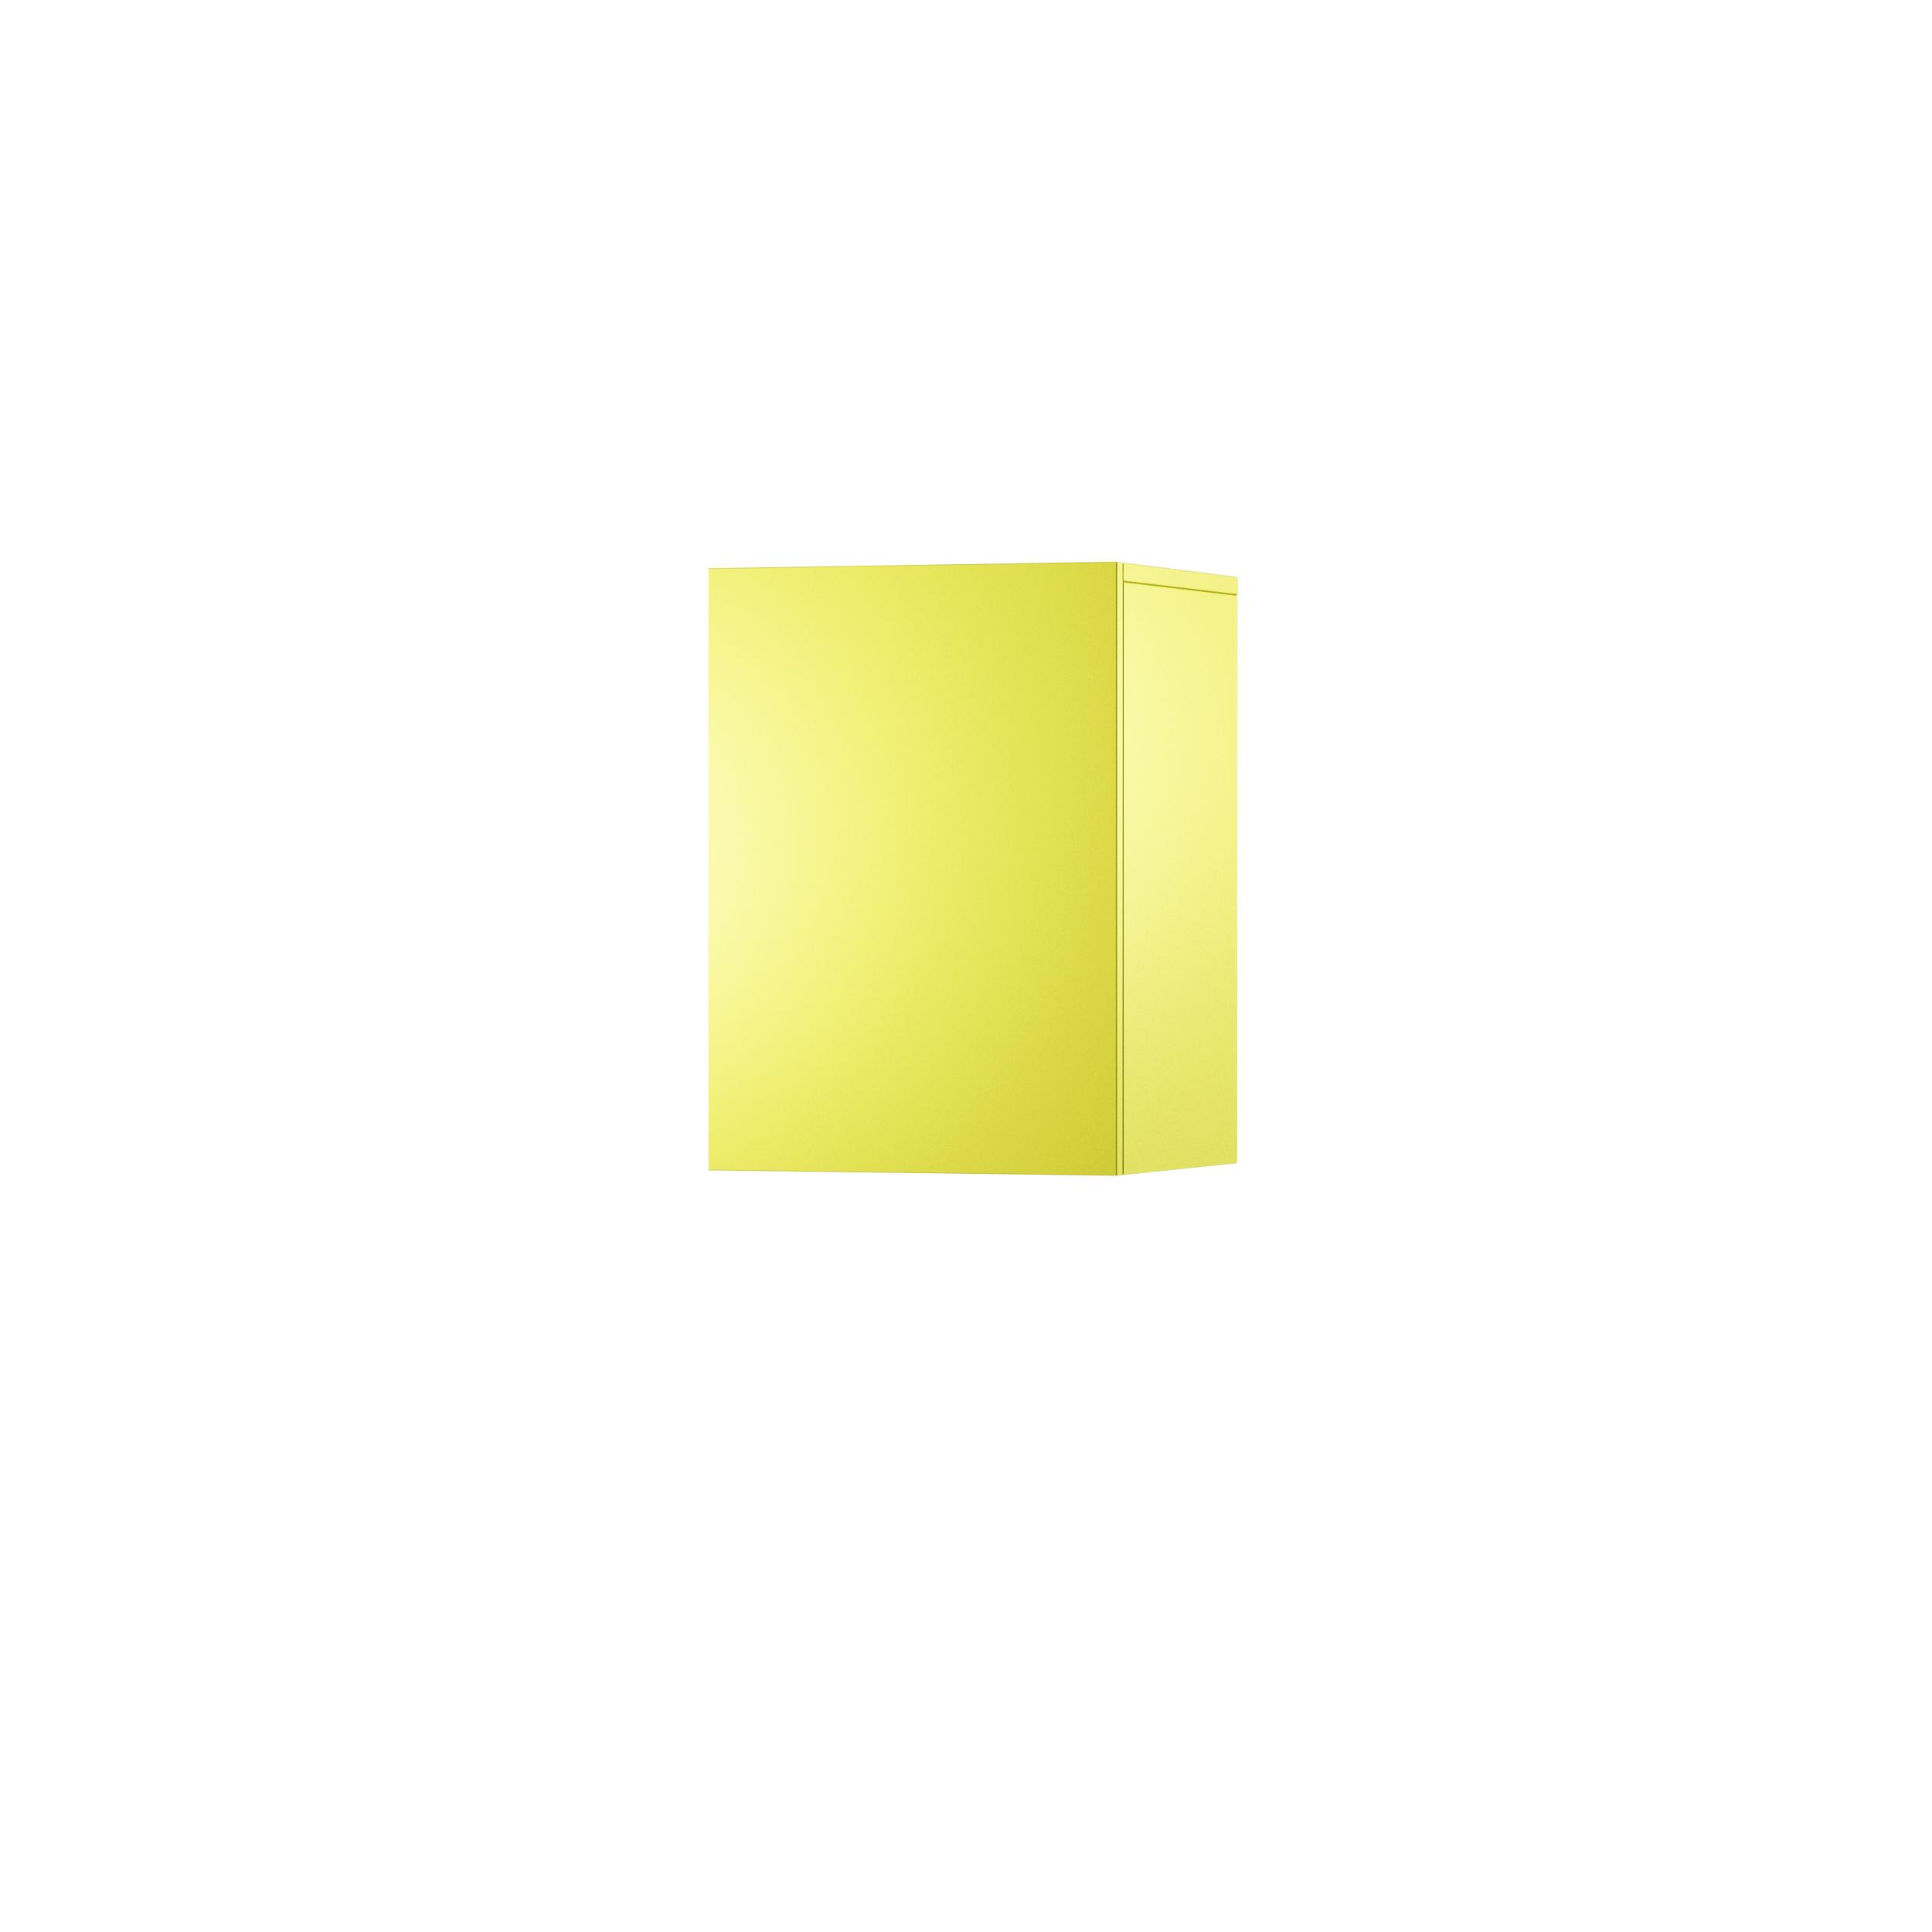 Dulap Modular Lime - 10286